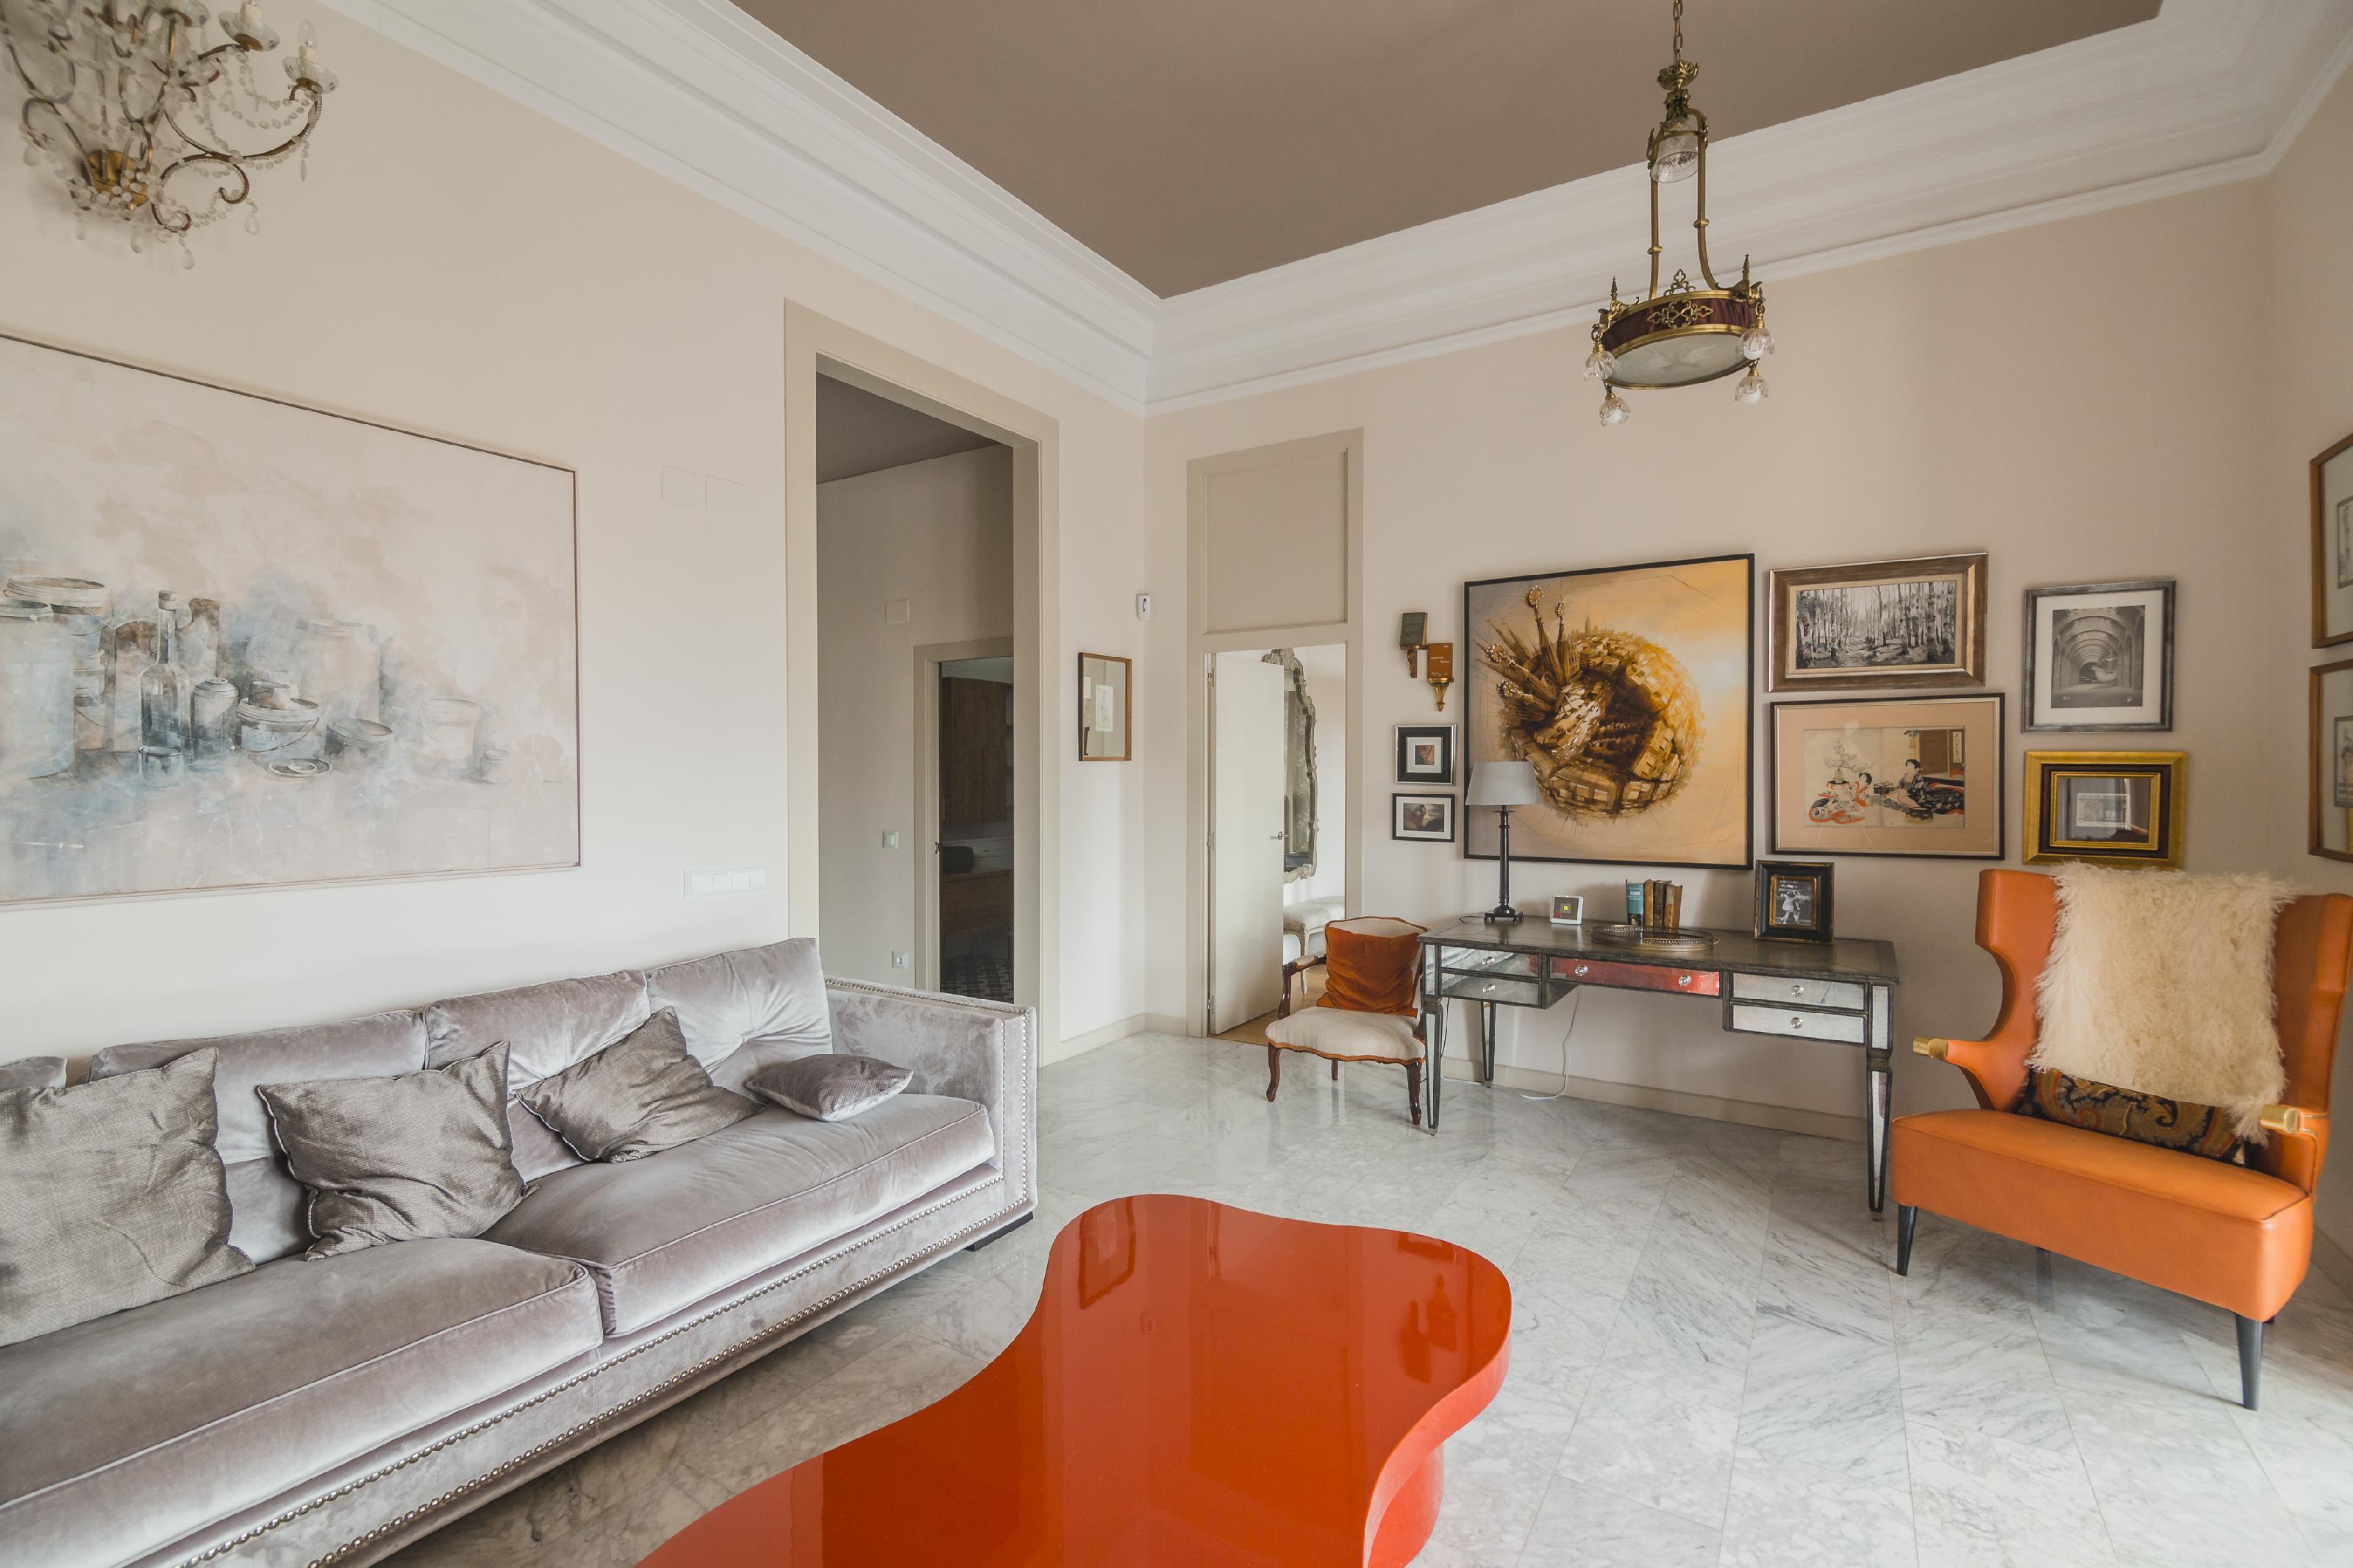 248206 Flat for sale in Gràcia, Vila de Gràcia 21